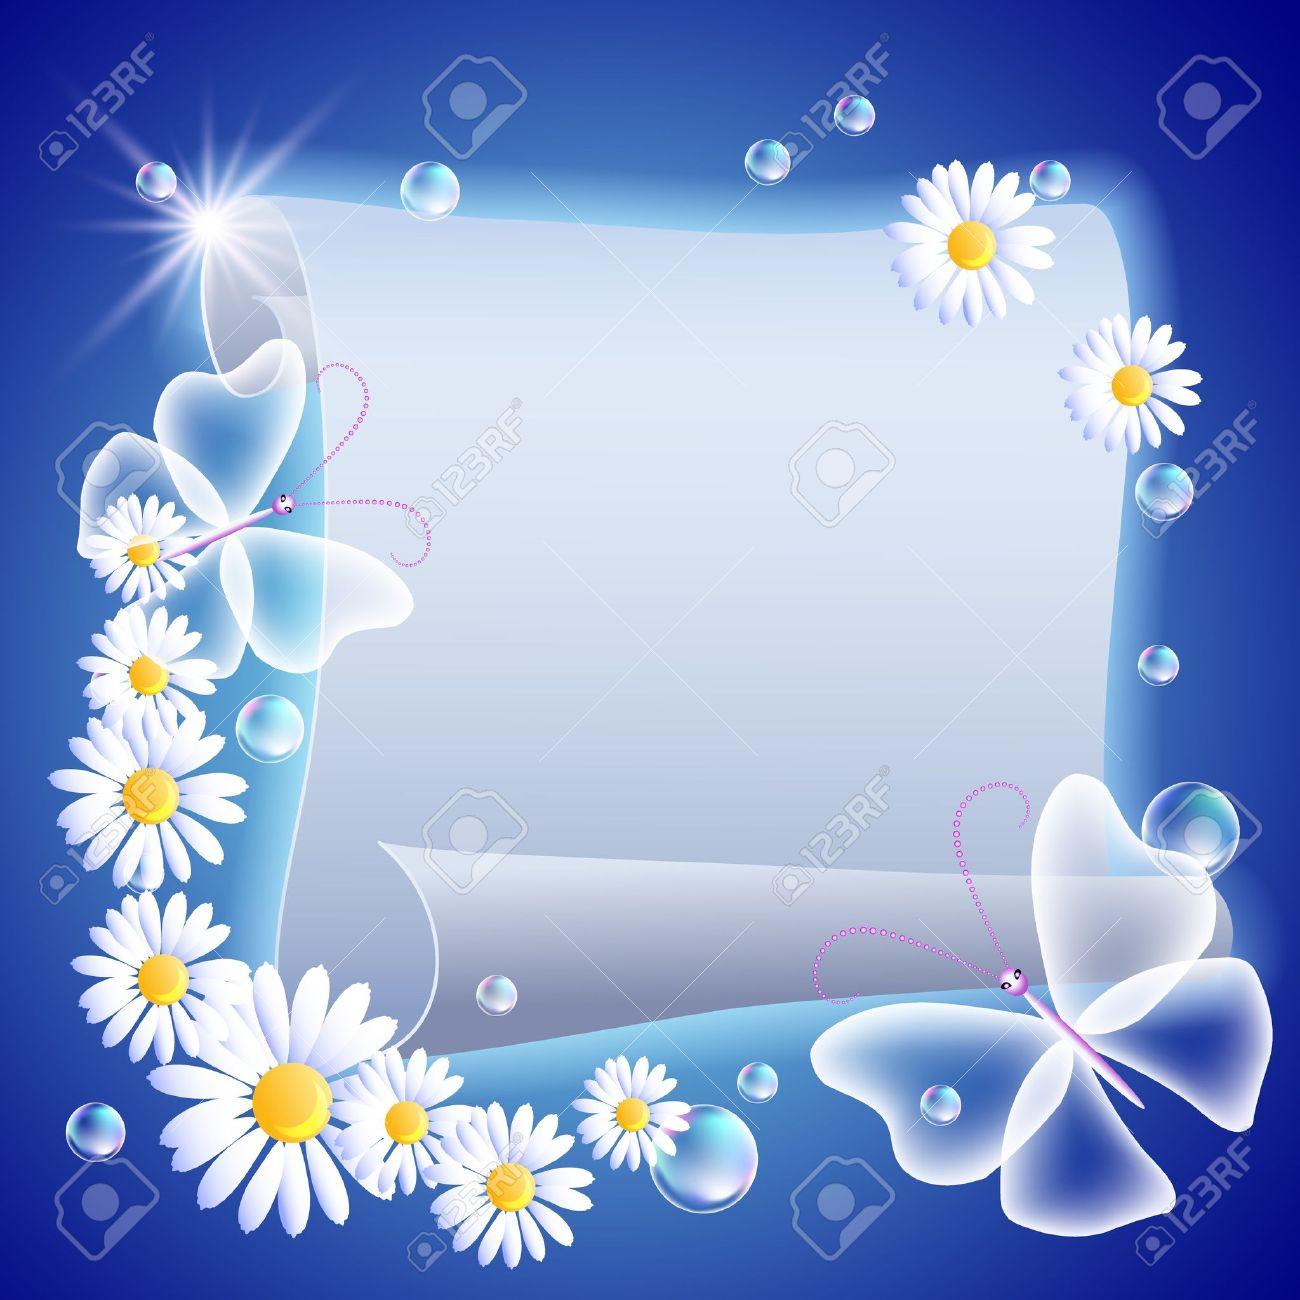 Foto de archivo , Pergamino, que brilla intensamente con flores y mariposas